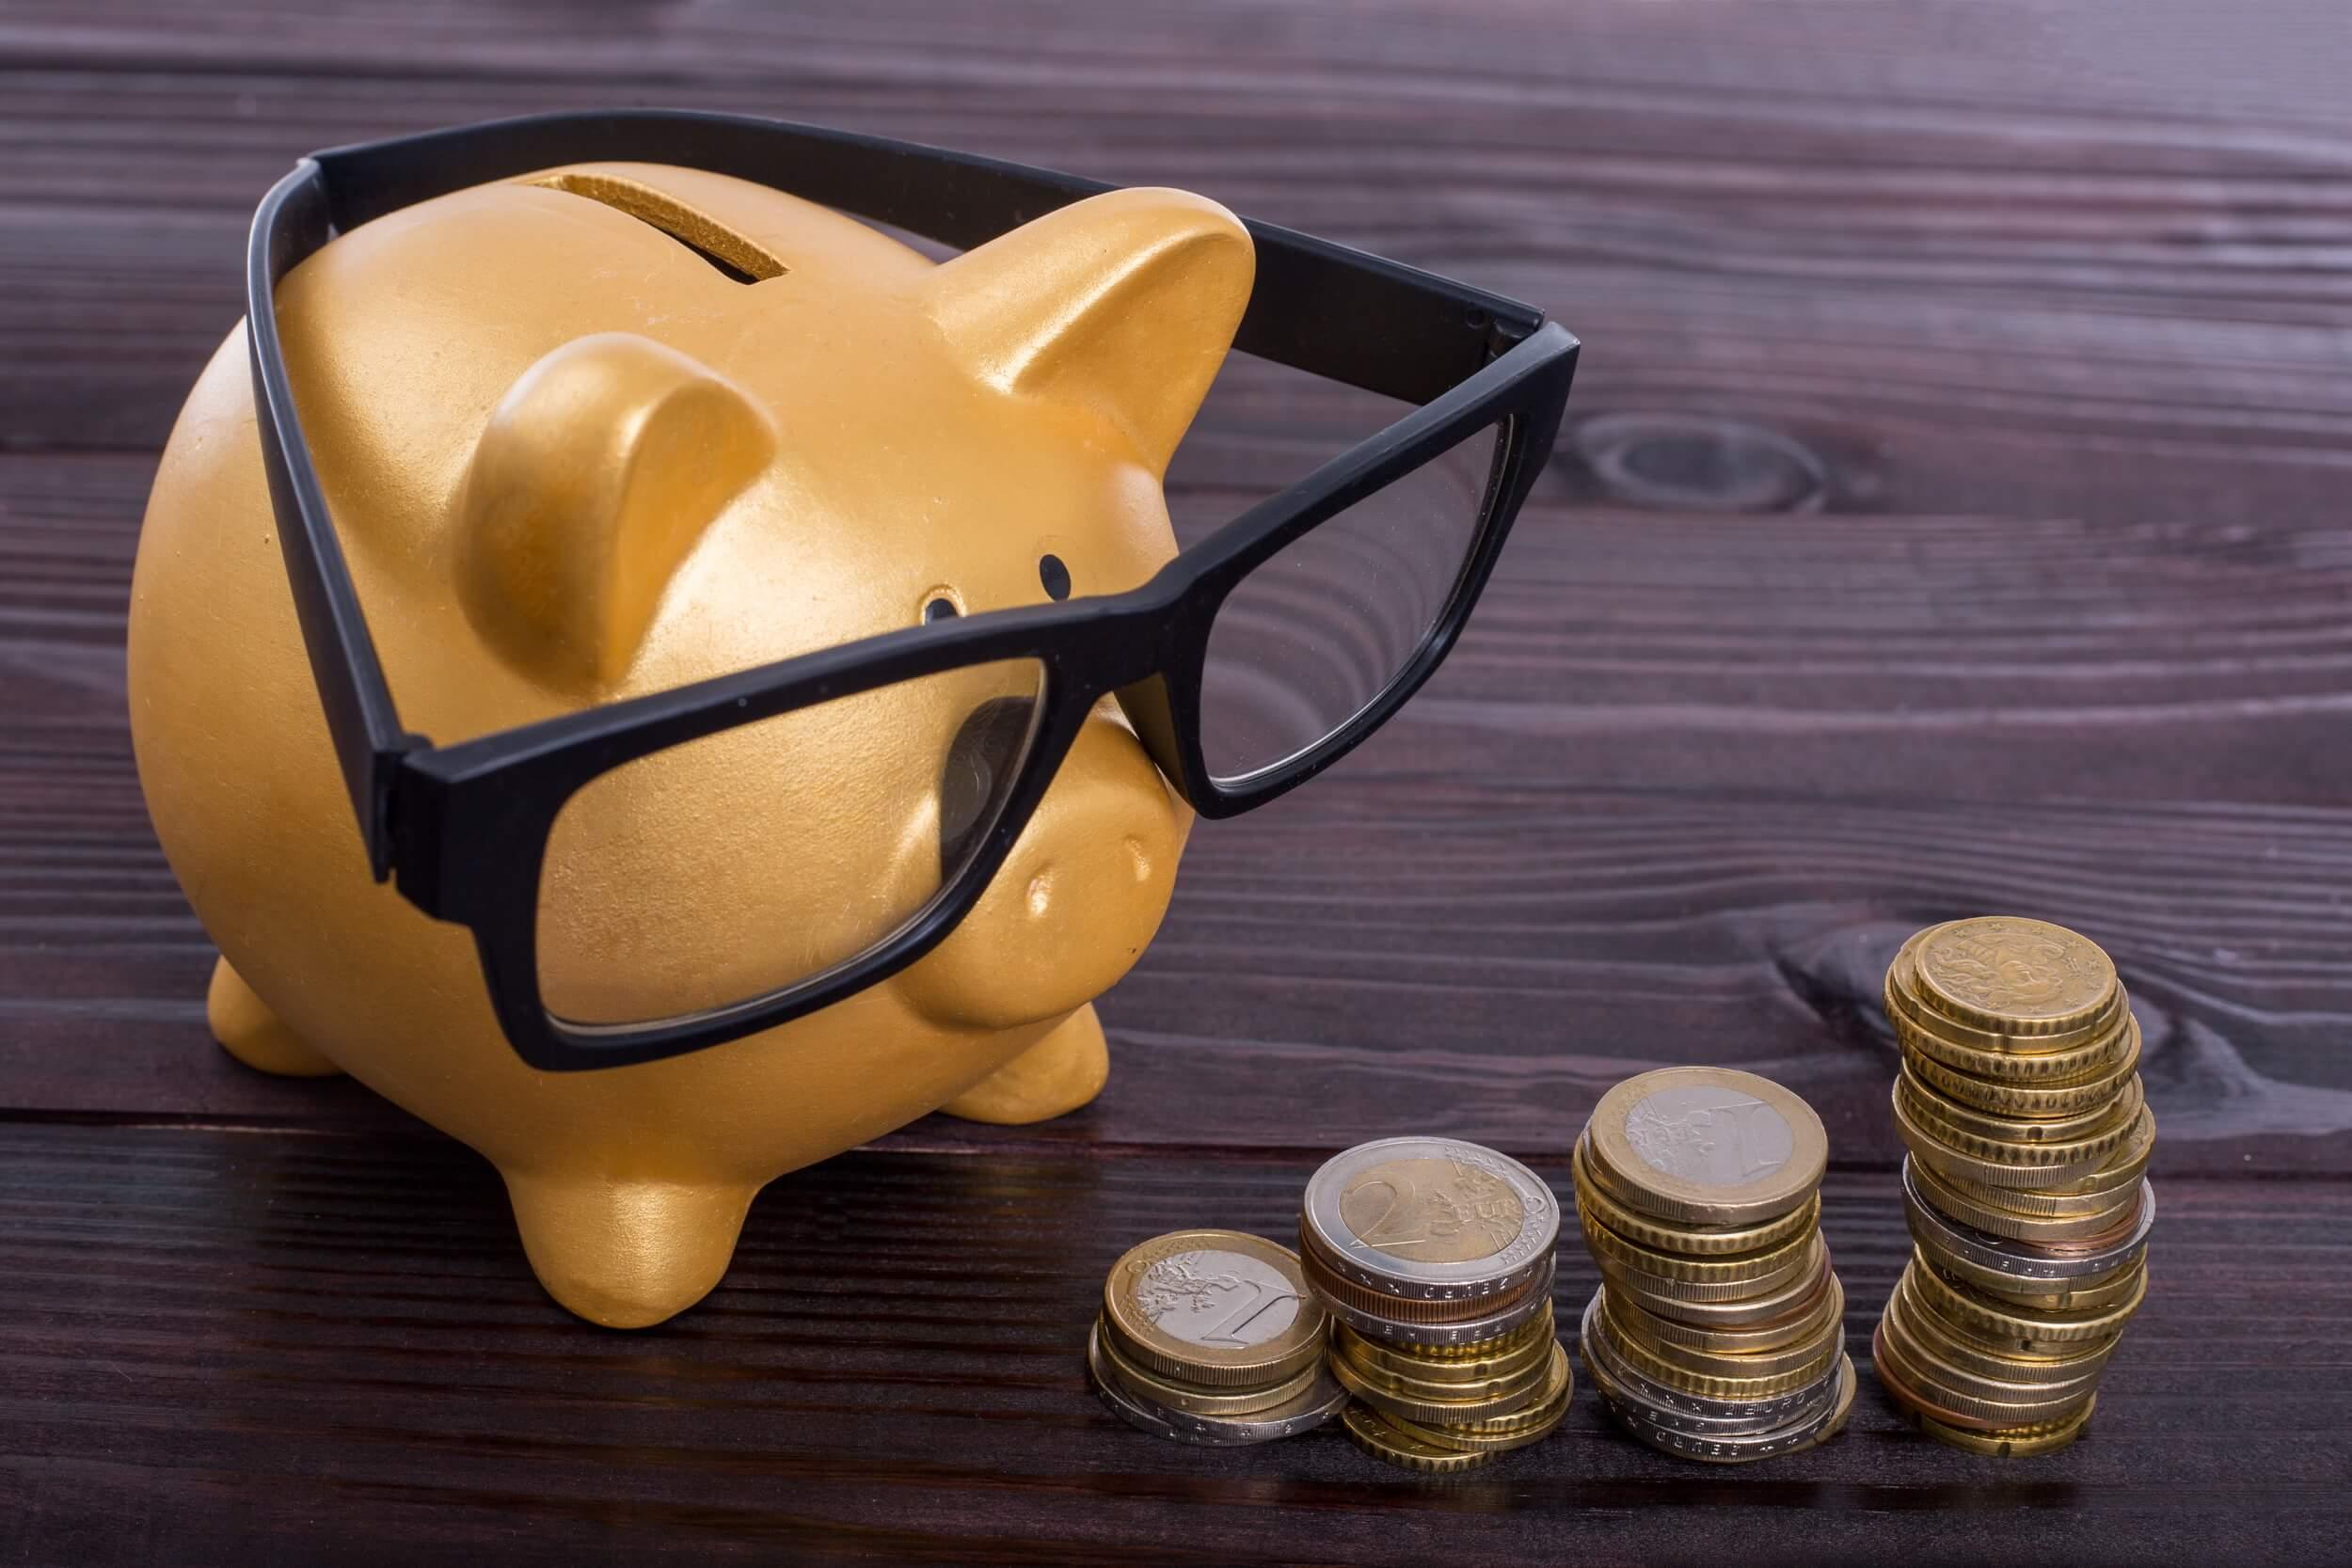 получение кредита с плохой кредитной историей и просрочками за откат москва